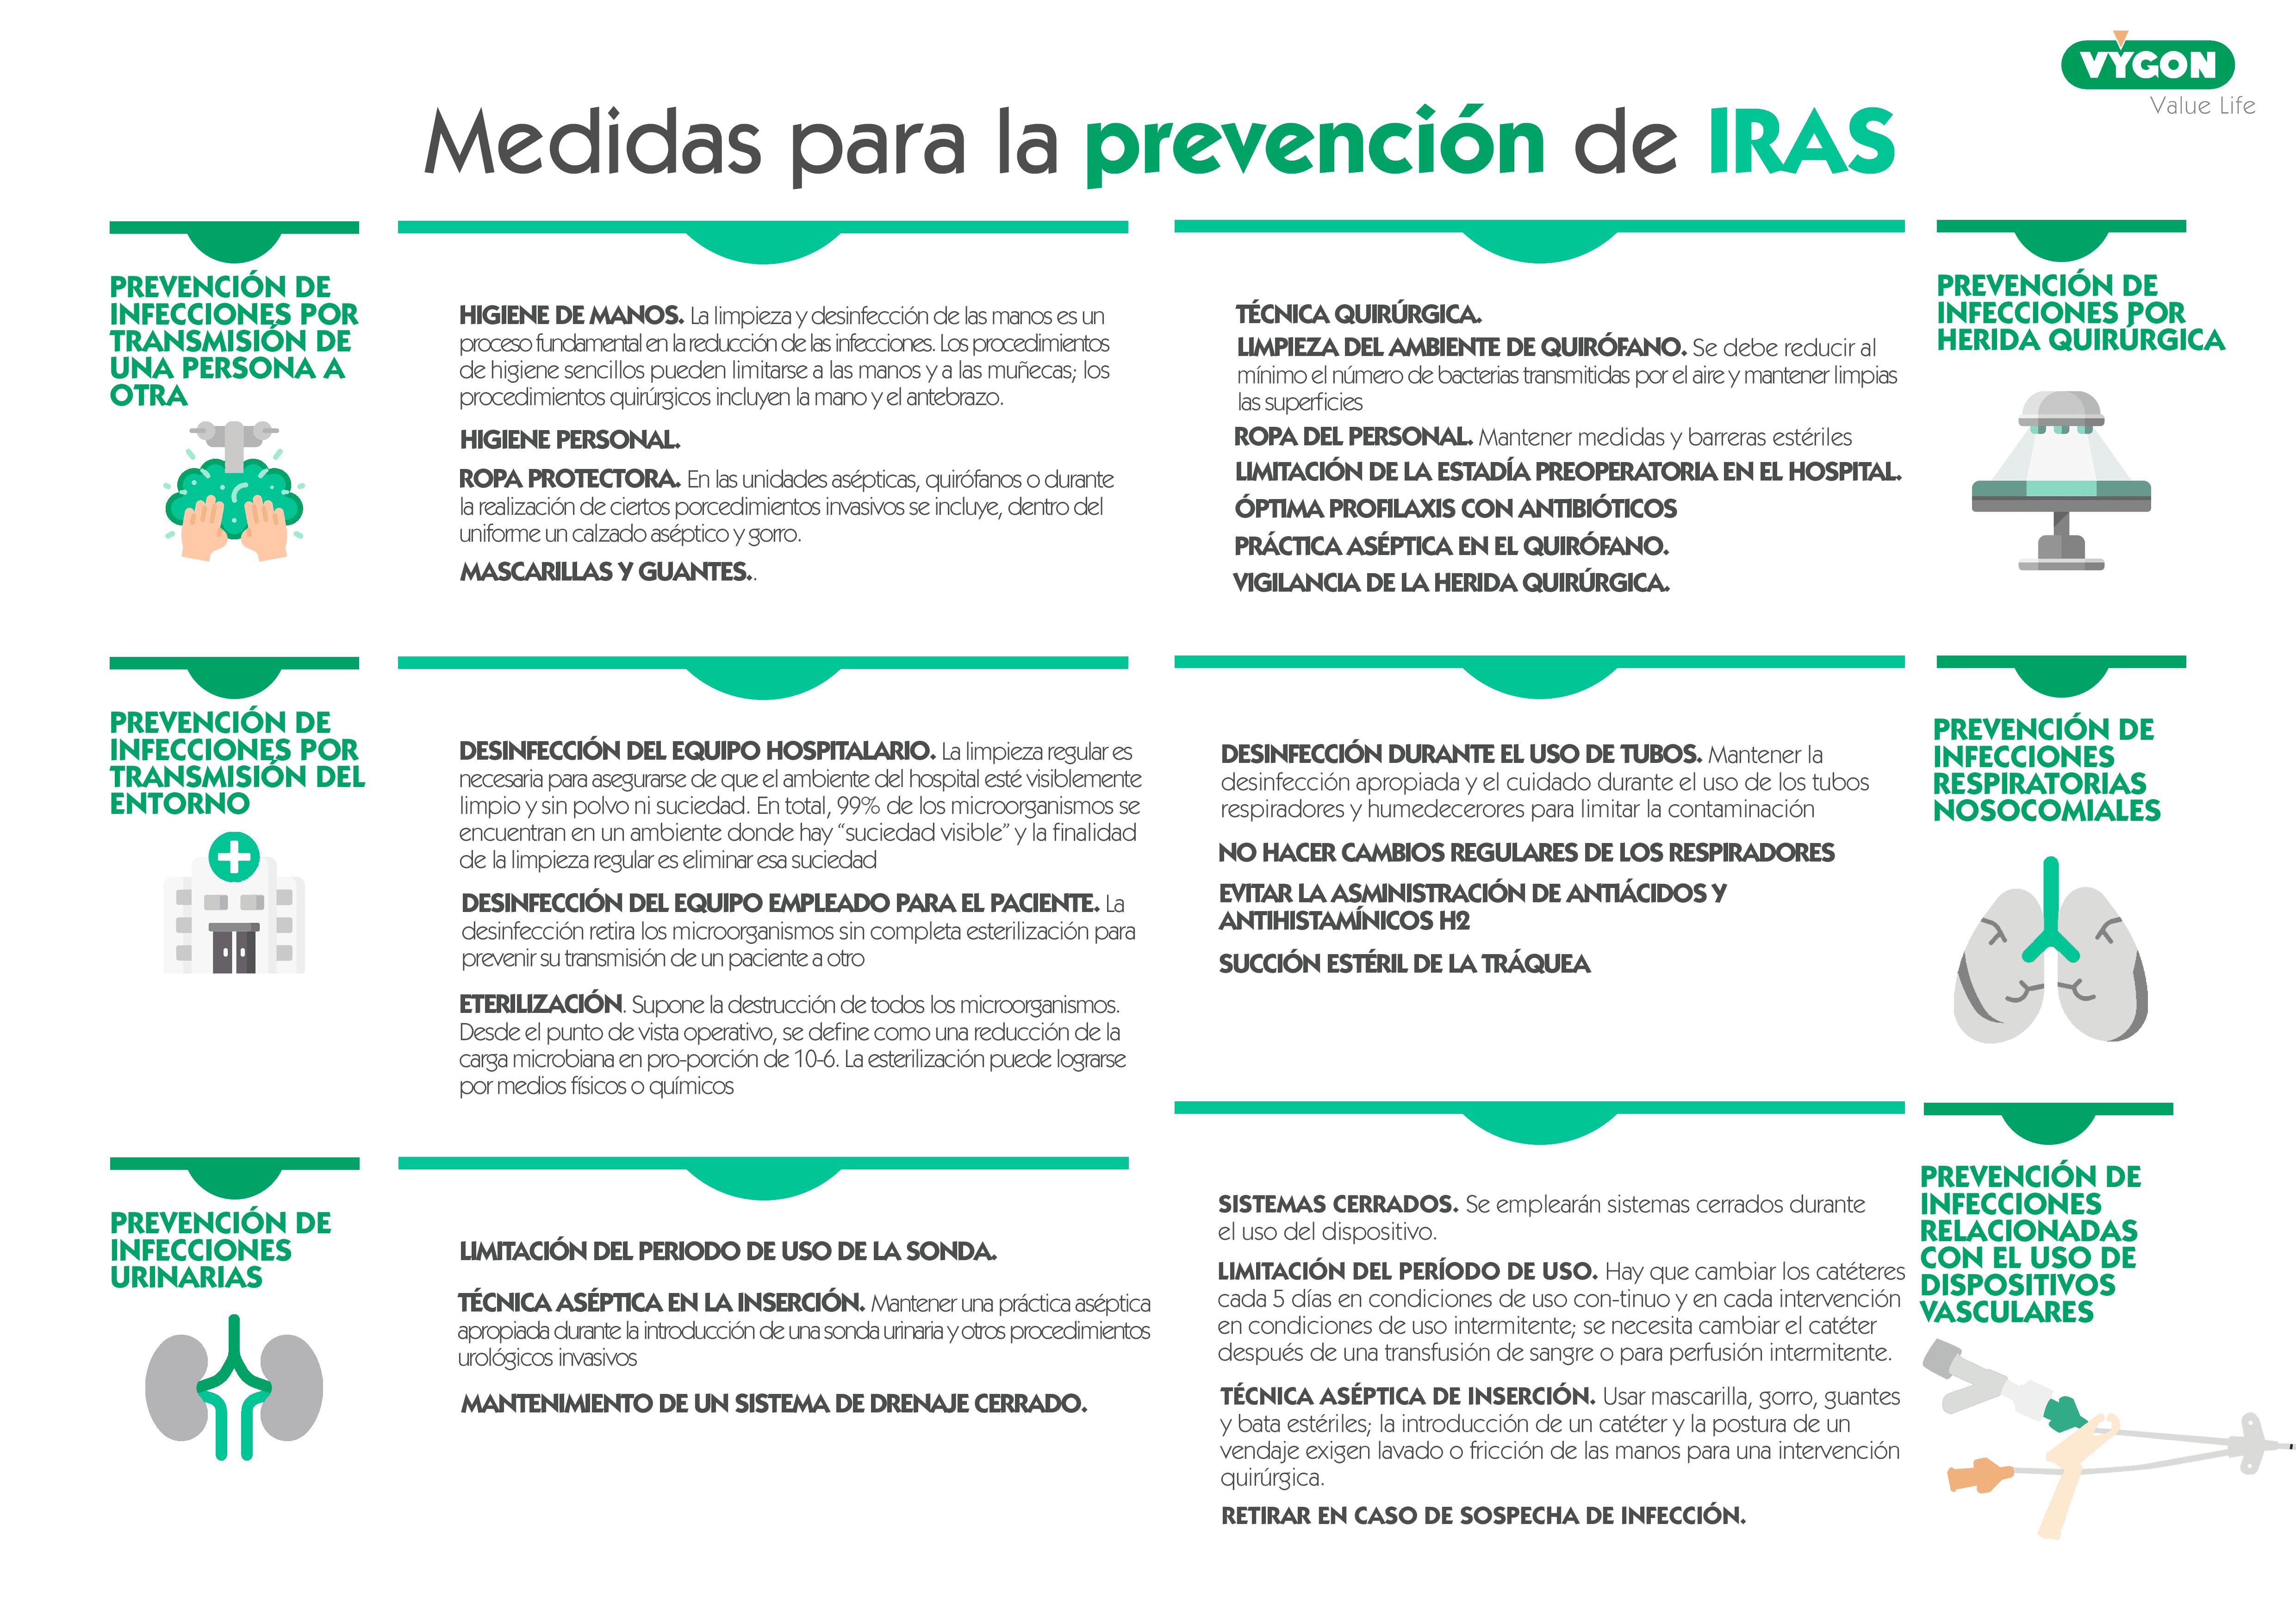 Medidas de preveción de la infección